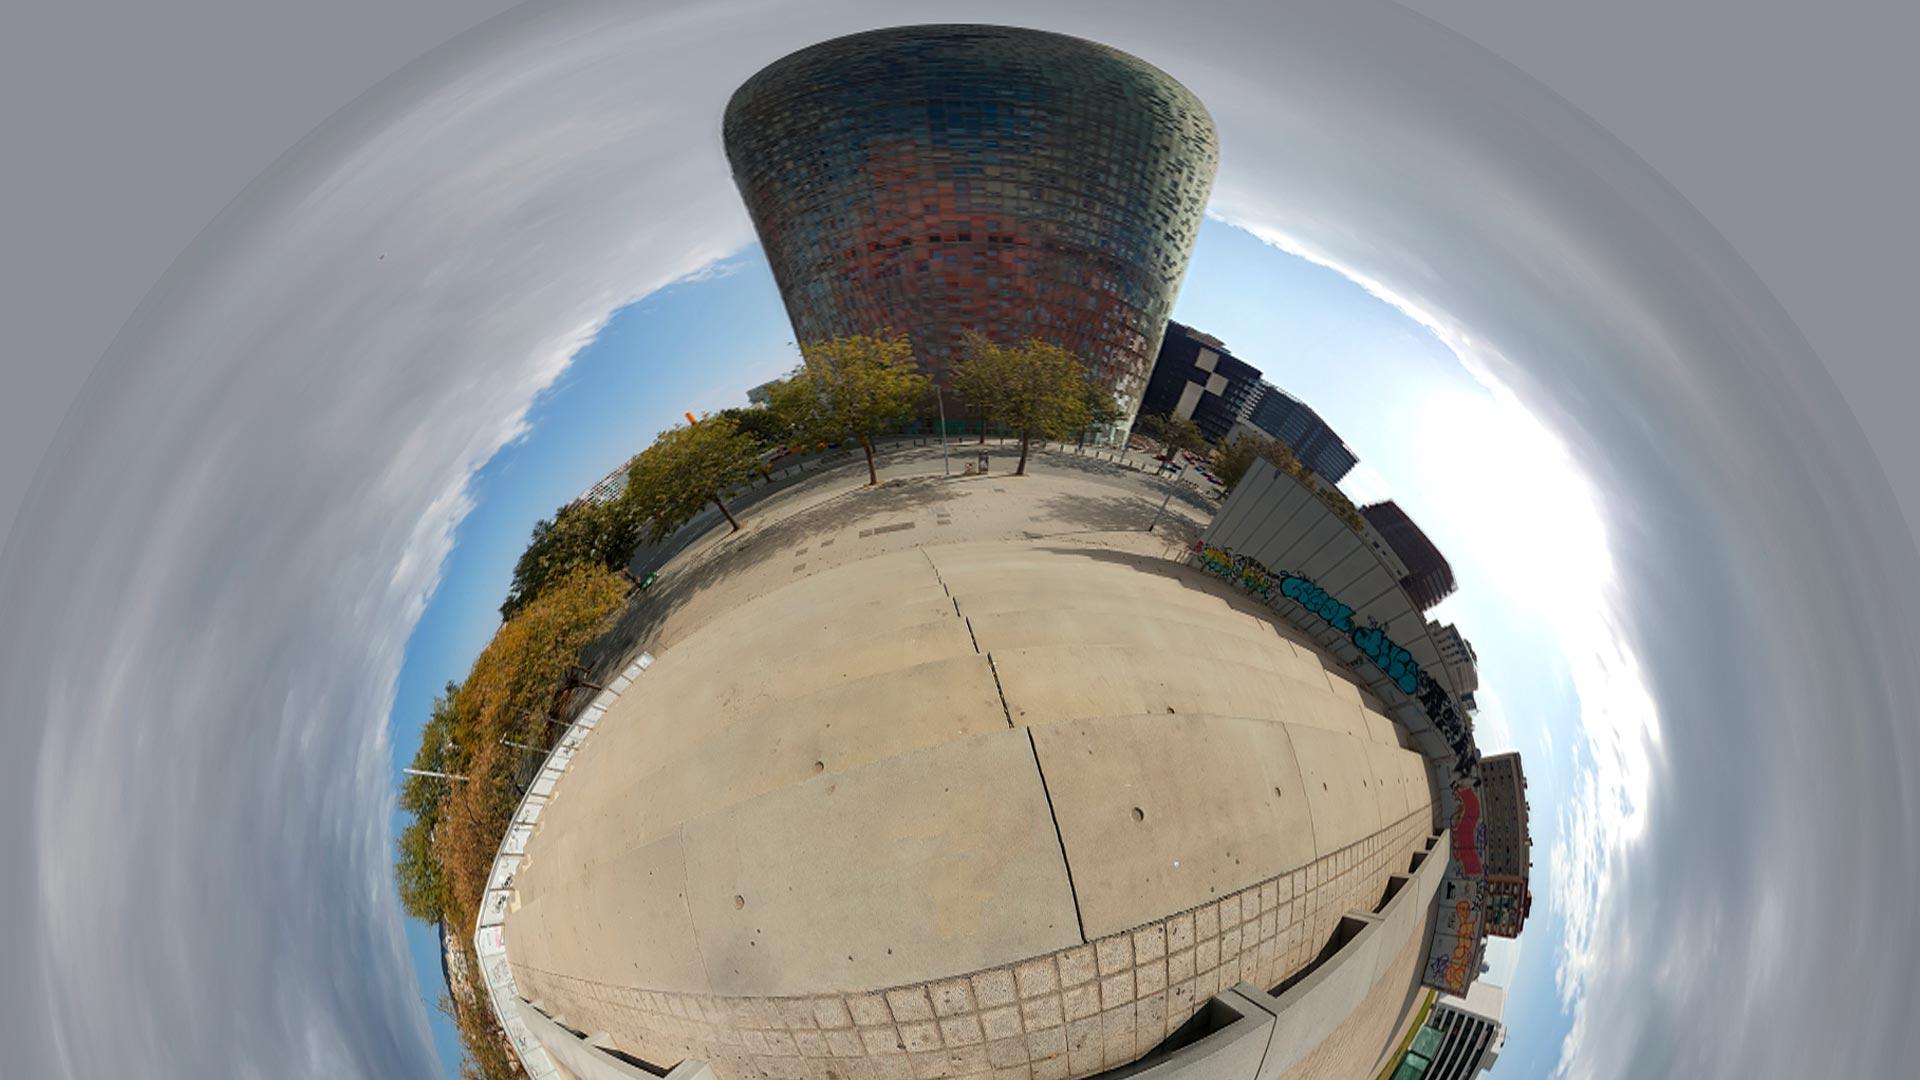 Barcelona - FOTOS y VÍDEOS 360 para descargar - Descargas360.com